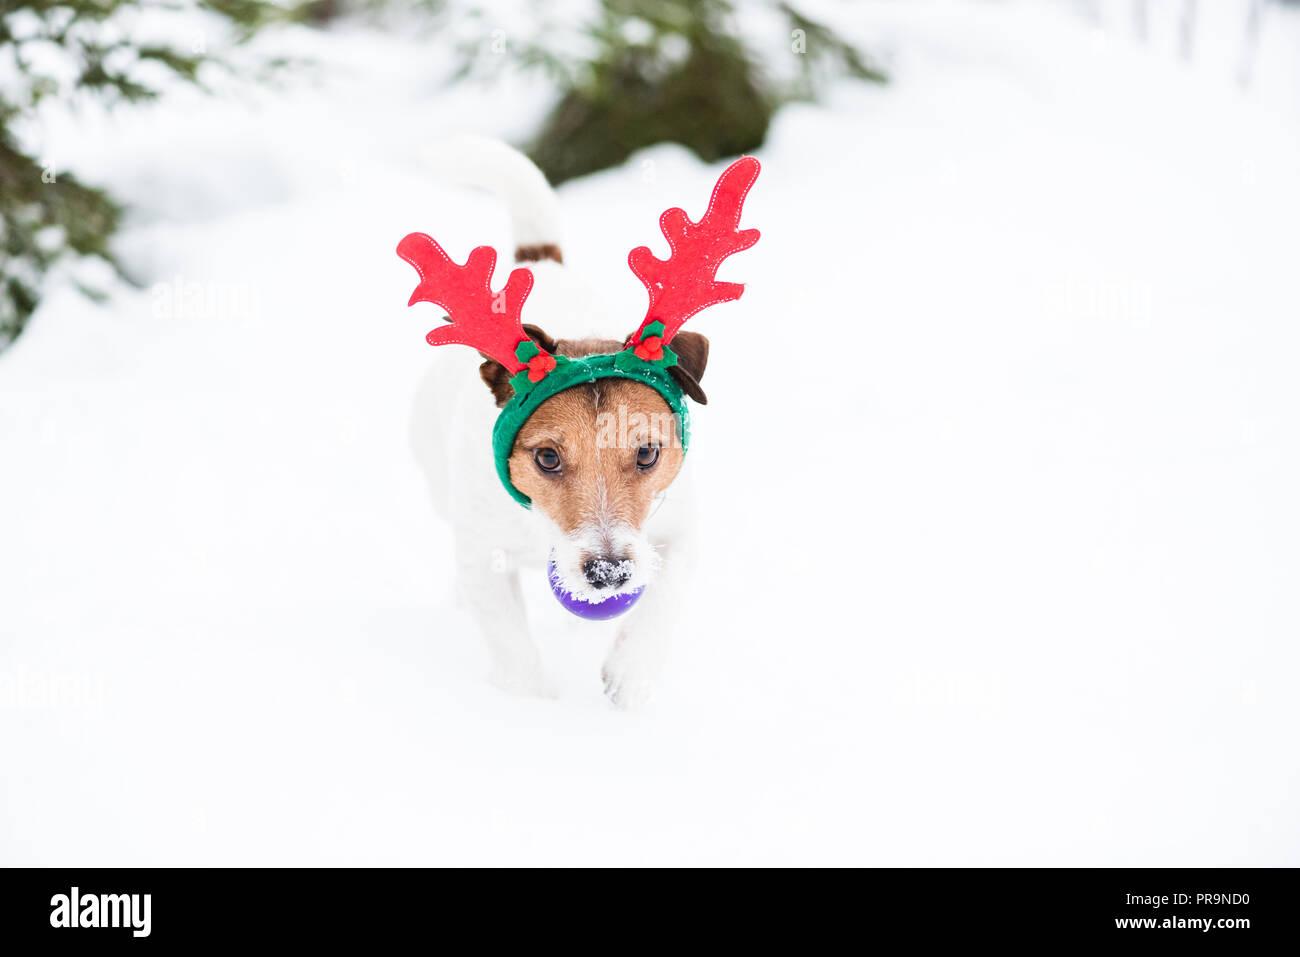 Perro como humorísticos renos obtiene bola de árbol de Navidad juguete Imagen De Stock